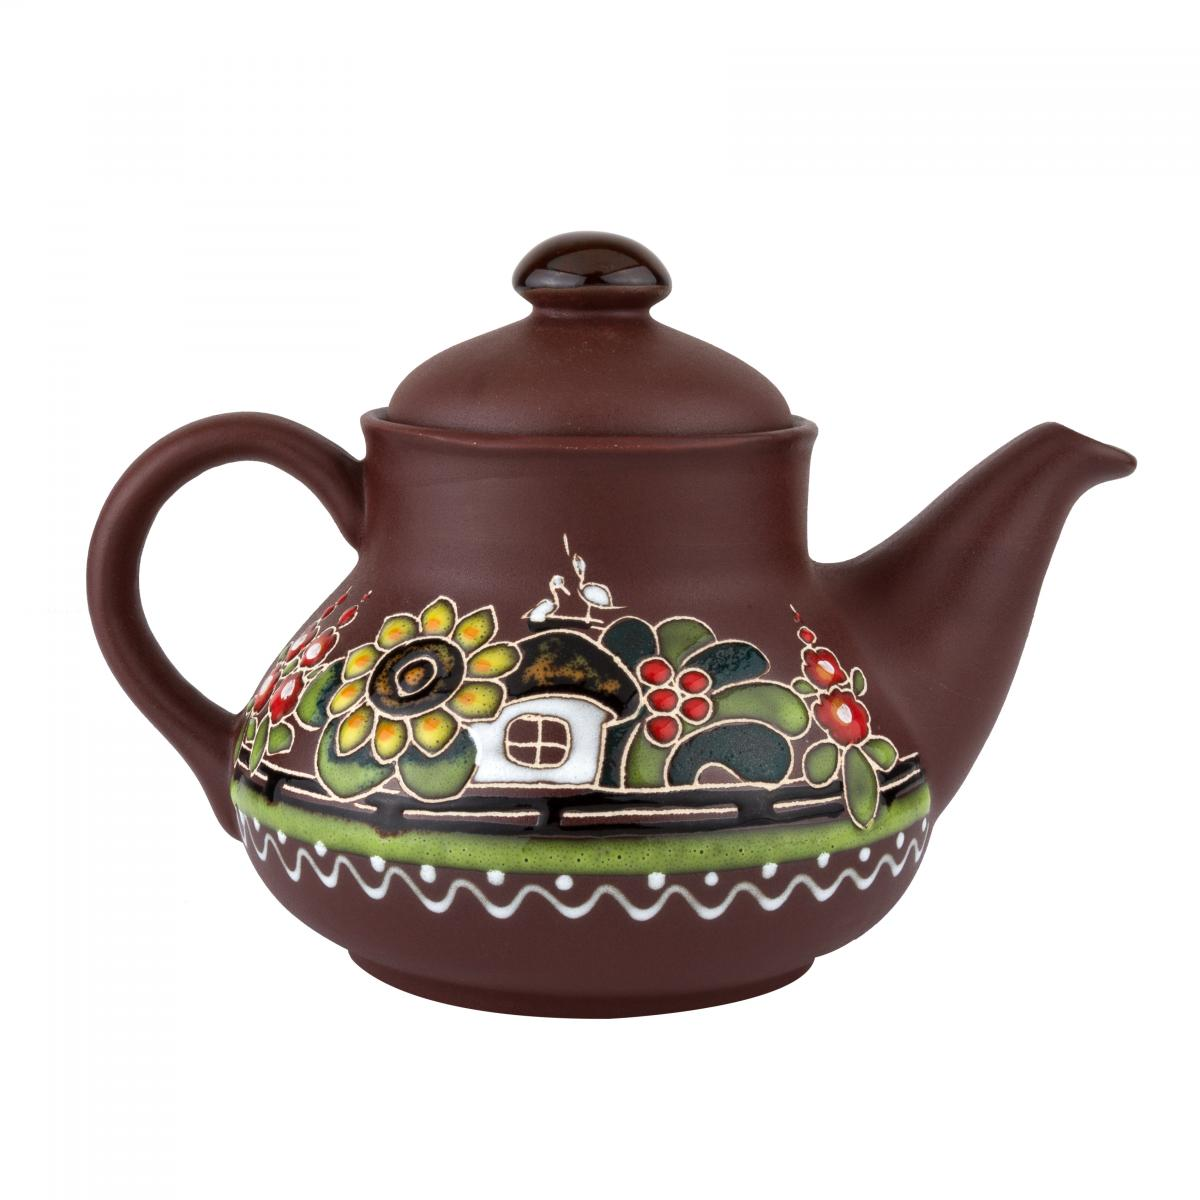 Керамический чайник Хуторок 0.7 л. Фото №1. | Народный дом Украина